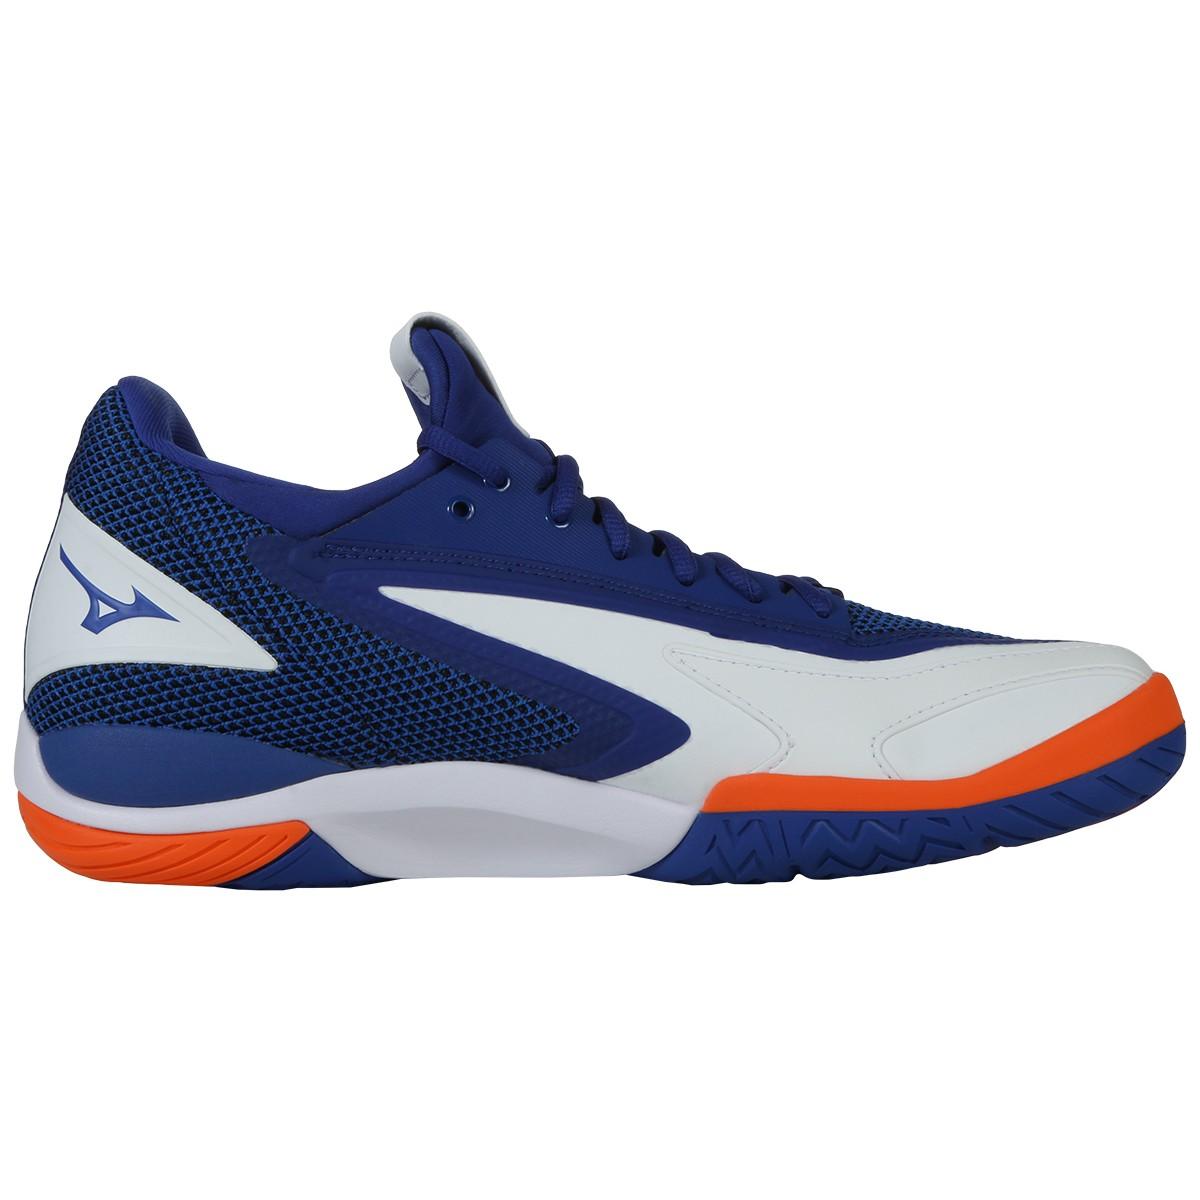 mens mizuno running shoes size 9.5 eu west australian eta